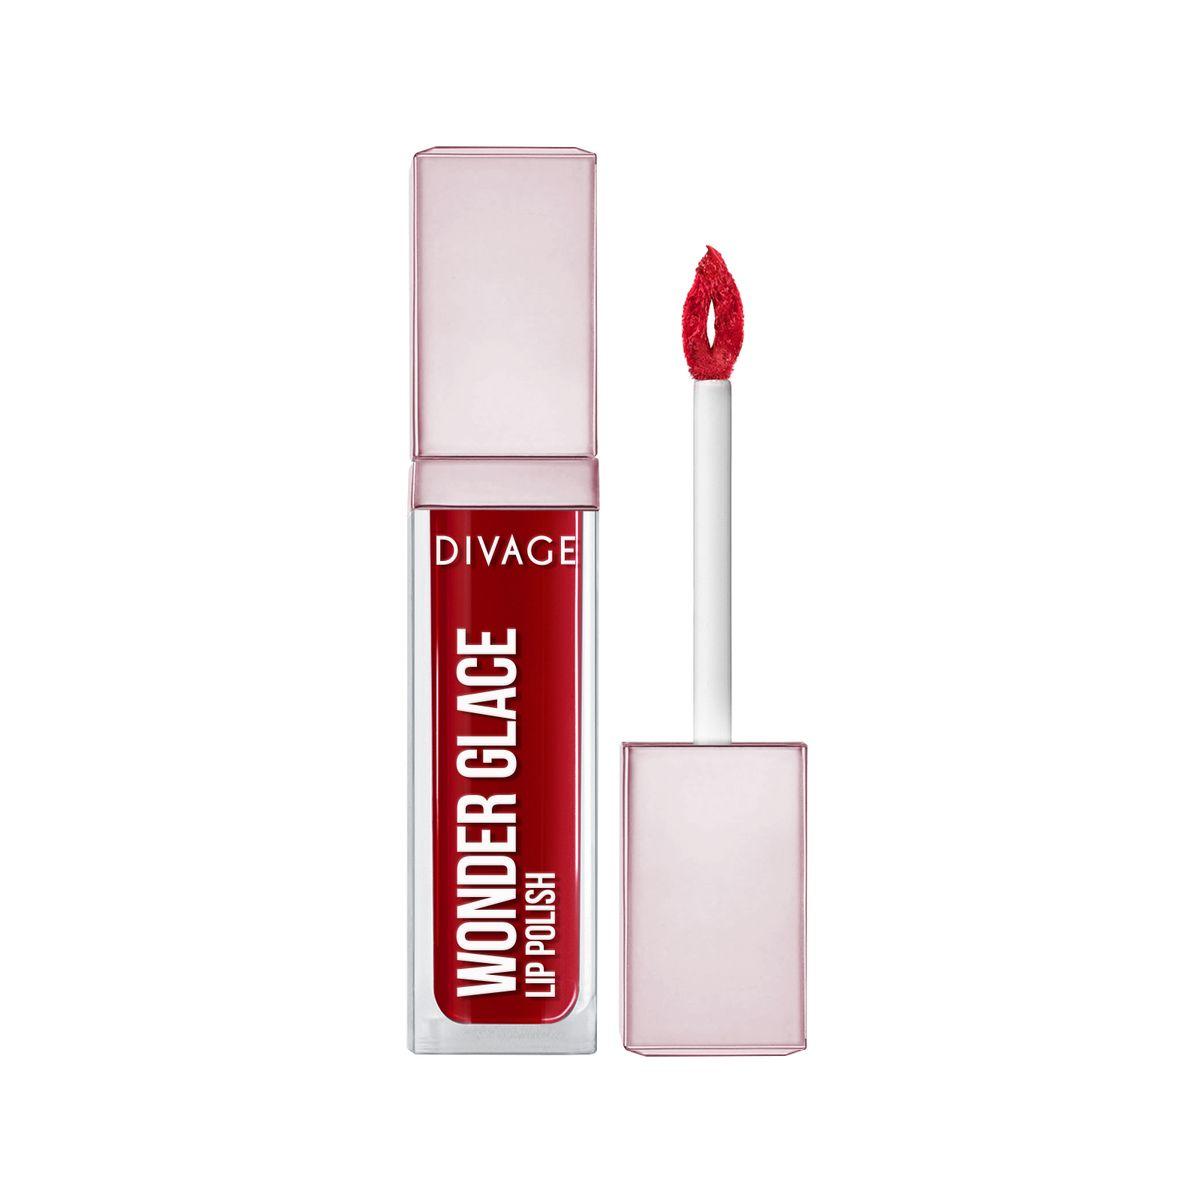 DIVAGE Лак для губ WONDER GLACE, тон № 07, 5 млSC-FM20104DIVAGE приготовил для тебя отличный подарок - лак для губ с инновационной формулой, которая придает глубокий и насыщенный цвет.Роскошное глянцевое сияние на твоих губах сделает макияж особенным и неповторимым. 8 самых актуальных оттенков, чтобы ты могла выглядеть ярко и привлекательно в любой ситуации. Особая форма аппликатора позволяет идеально прокрашивать губы и делает нанесение более комфортным. Лак не только смотрится ярко, но и увлажняет и защищает твои губы. Будь самой неповторимой этой весной и восхищай всех роскошным блеском и невероятно насыщенным цветом с лаком для губ «WONDER GLACE» от DIVAGE!